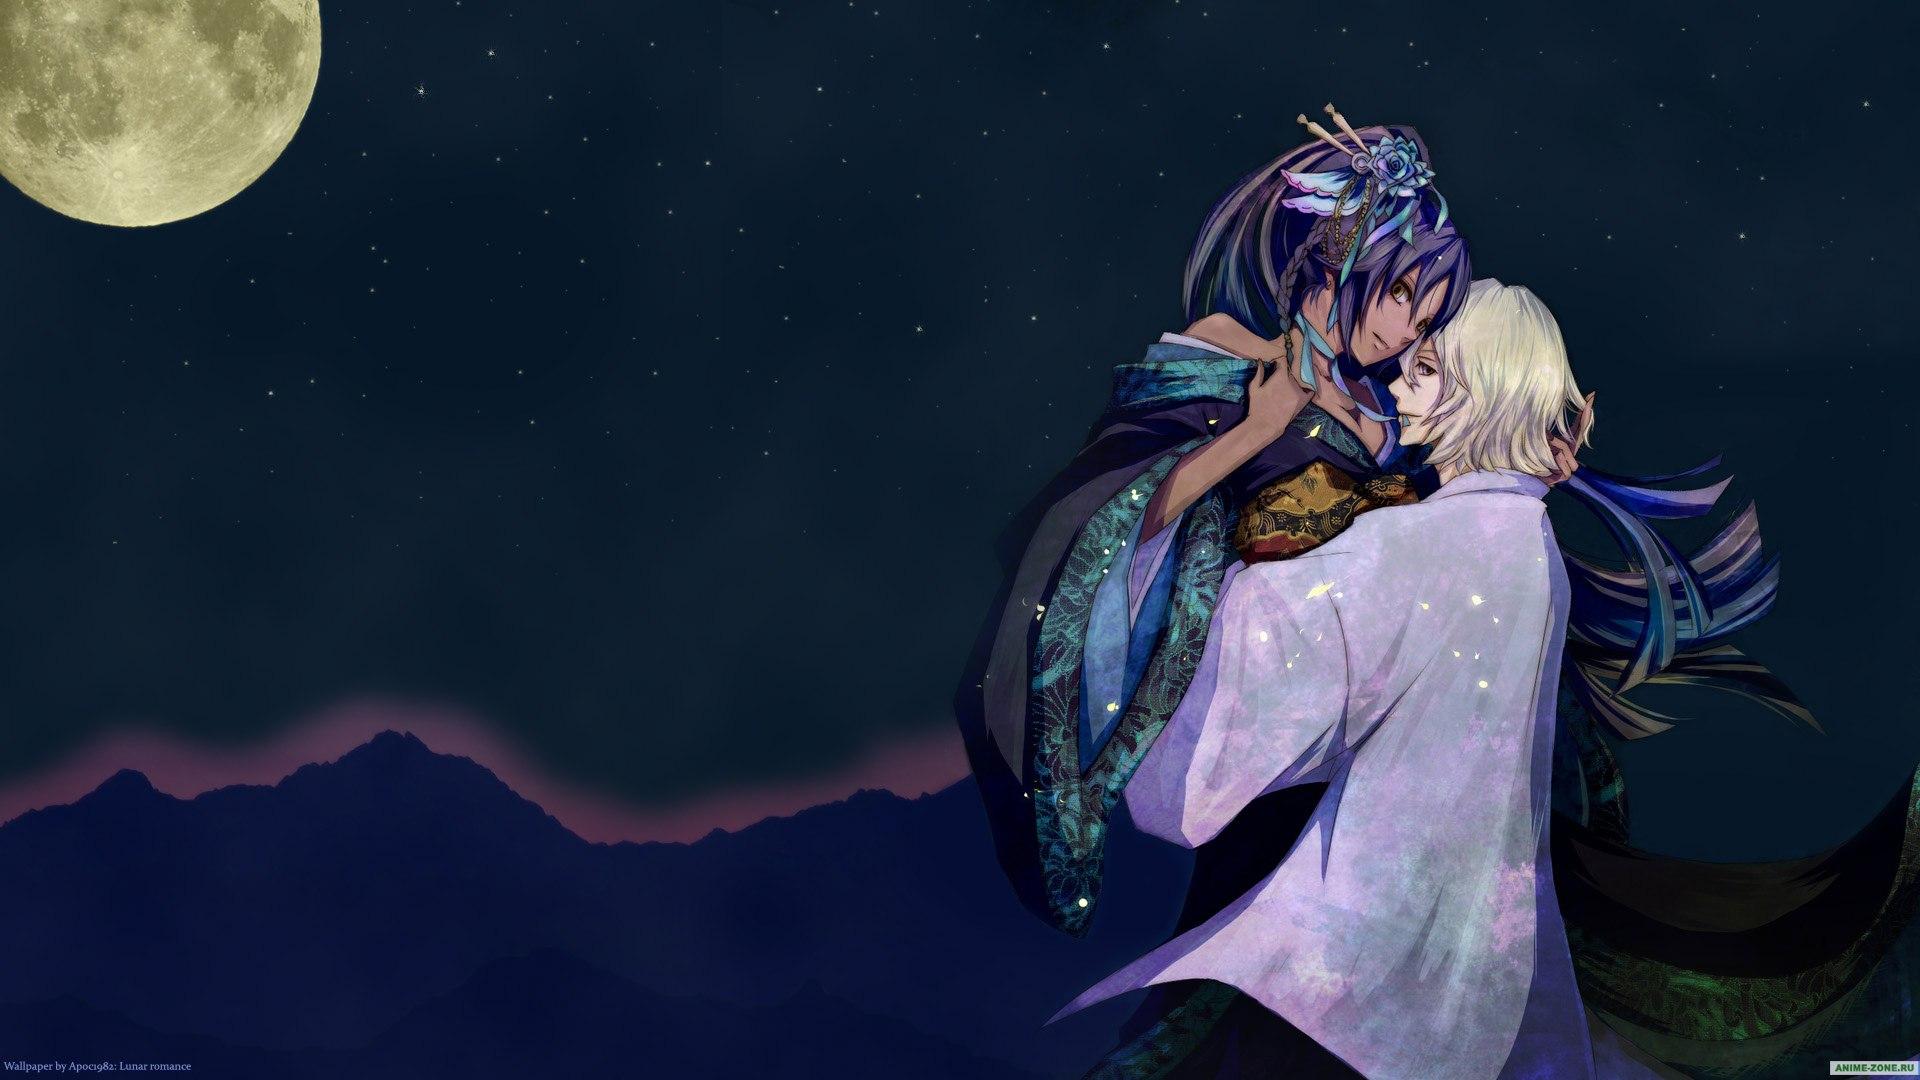 Shihouin Yoruichi Wallpaper Zerochan Anime Image Board